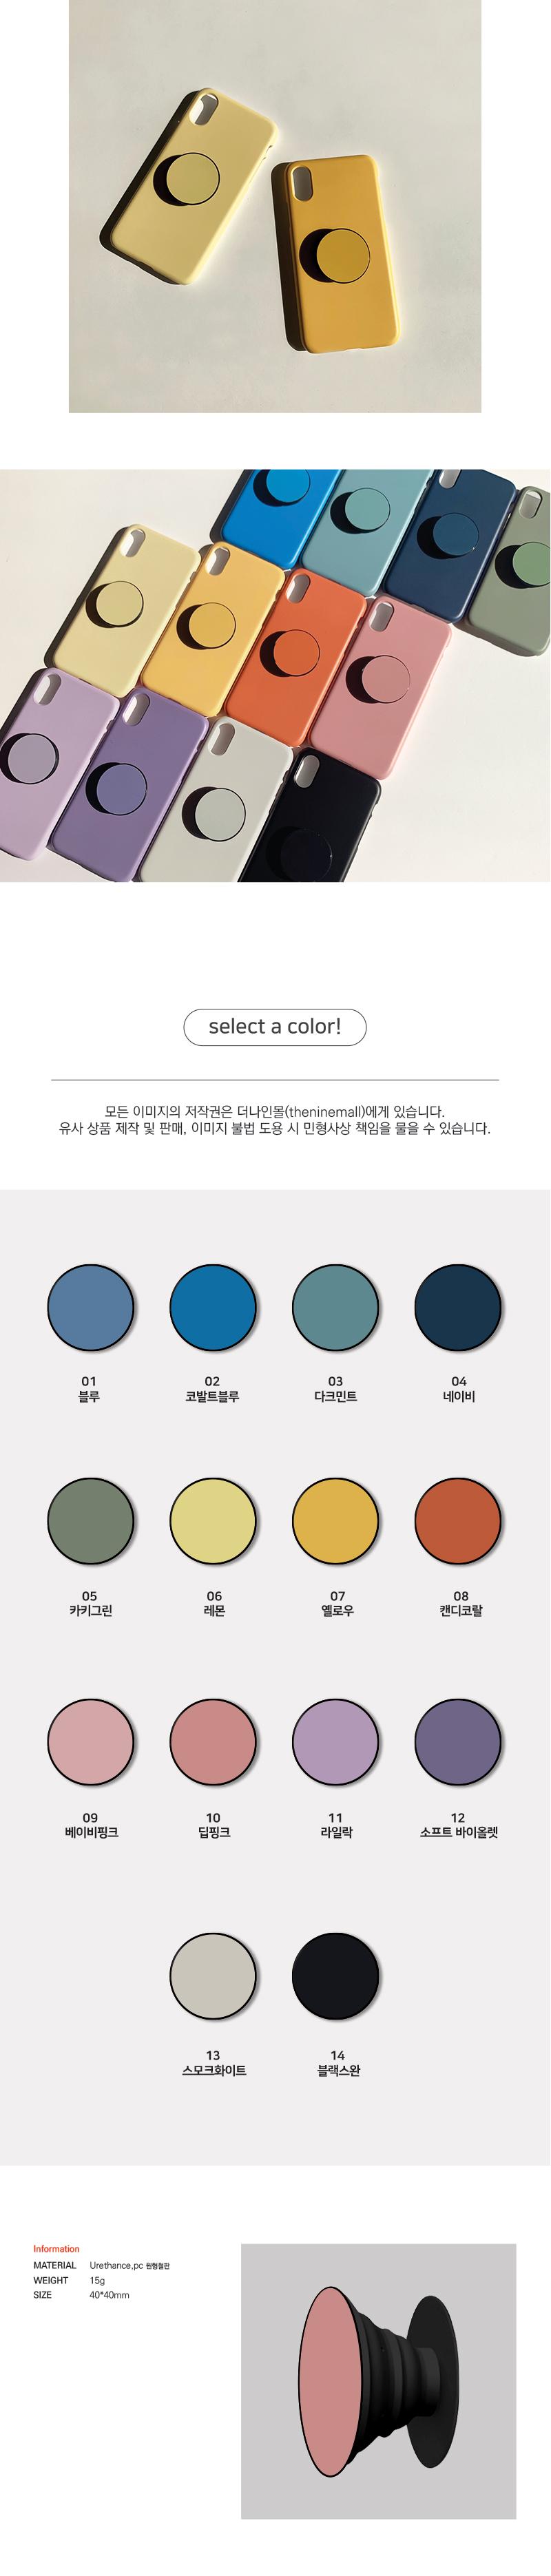 무지 컬러 스마트톡 05 카키그린 - 주식회사 모먼트디자인, 9,030원, 거치대/홀더, 부착형 거치대